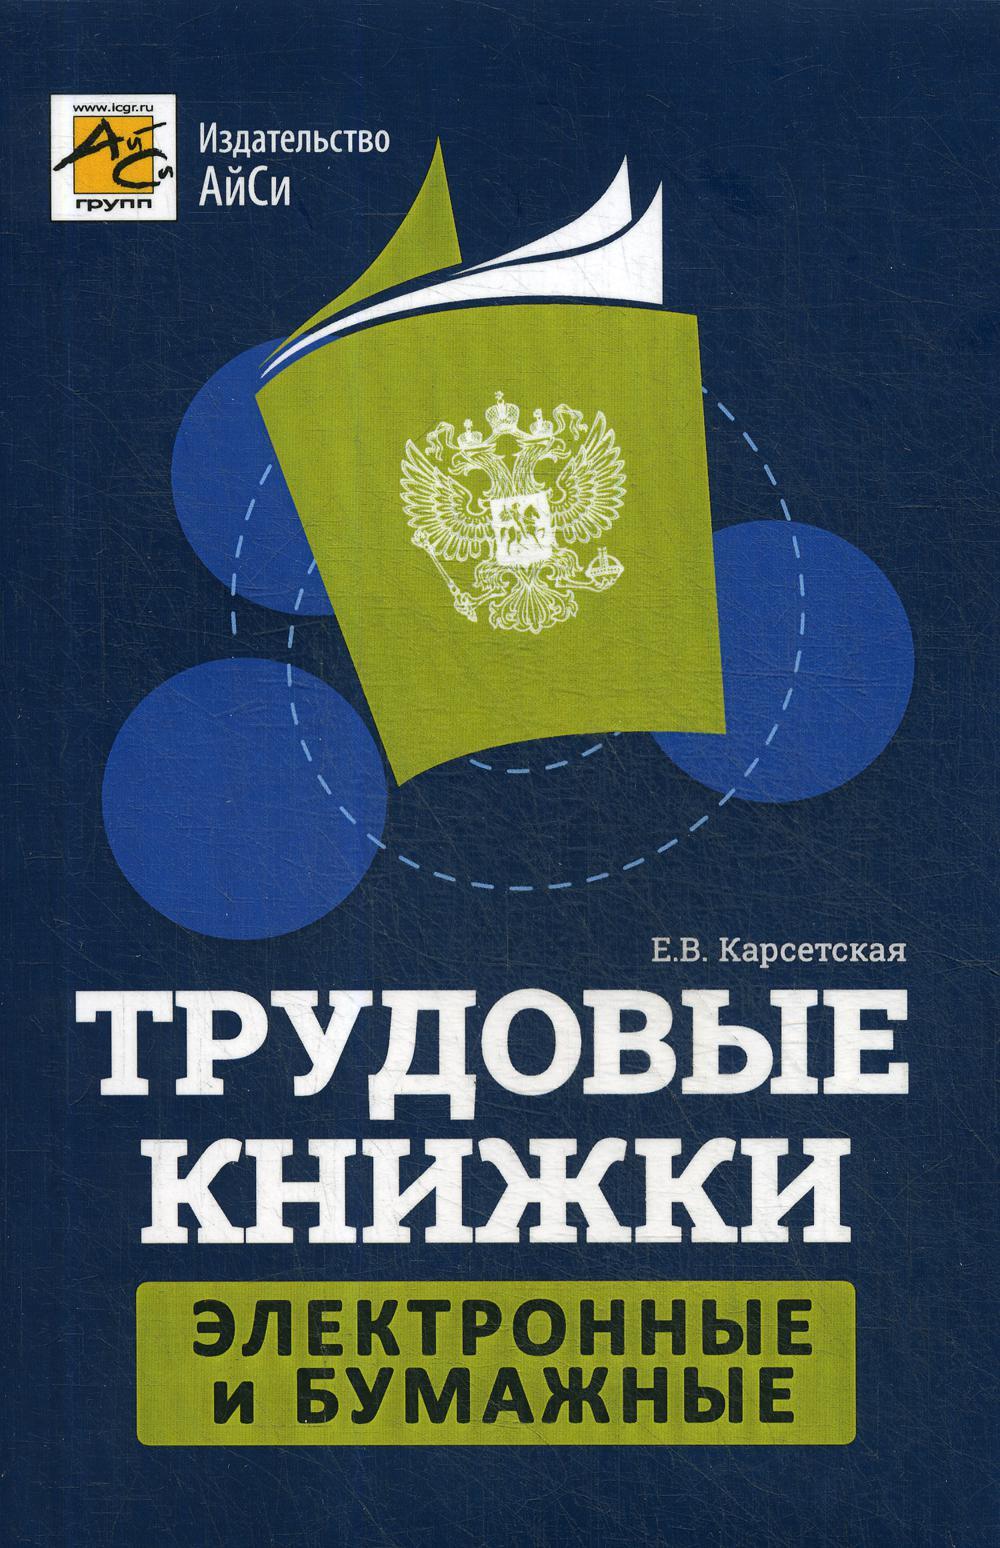 Трудовые книжки: электронные и бумажные